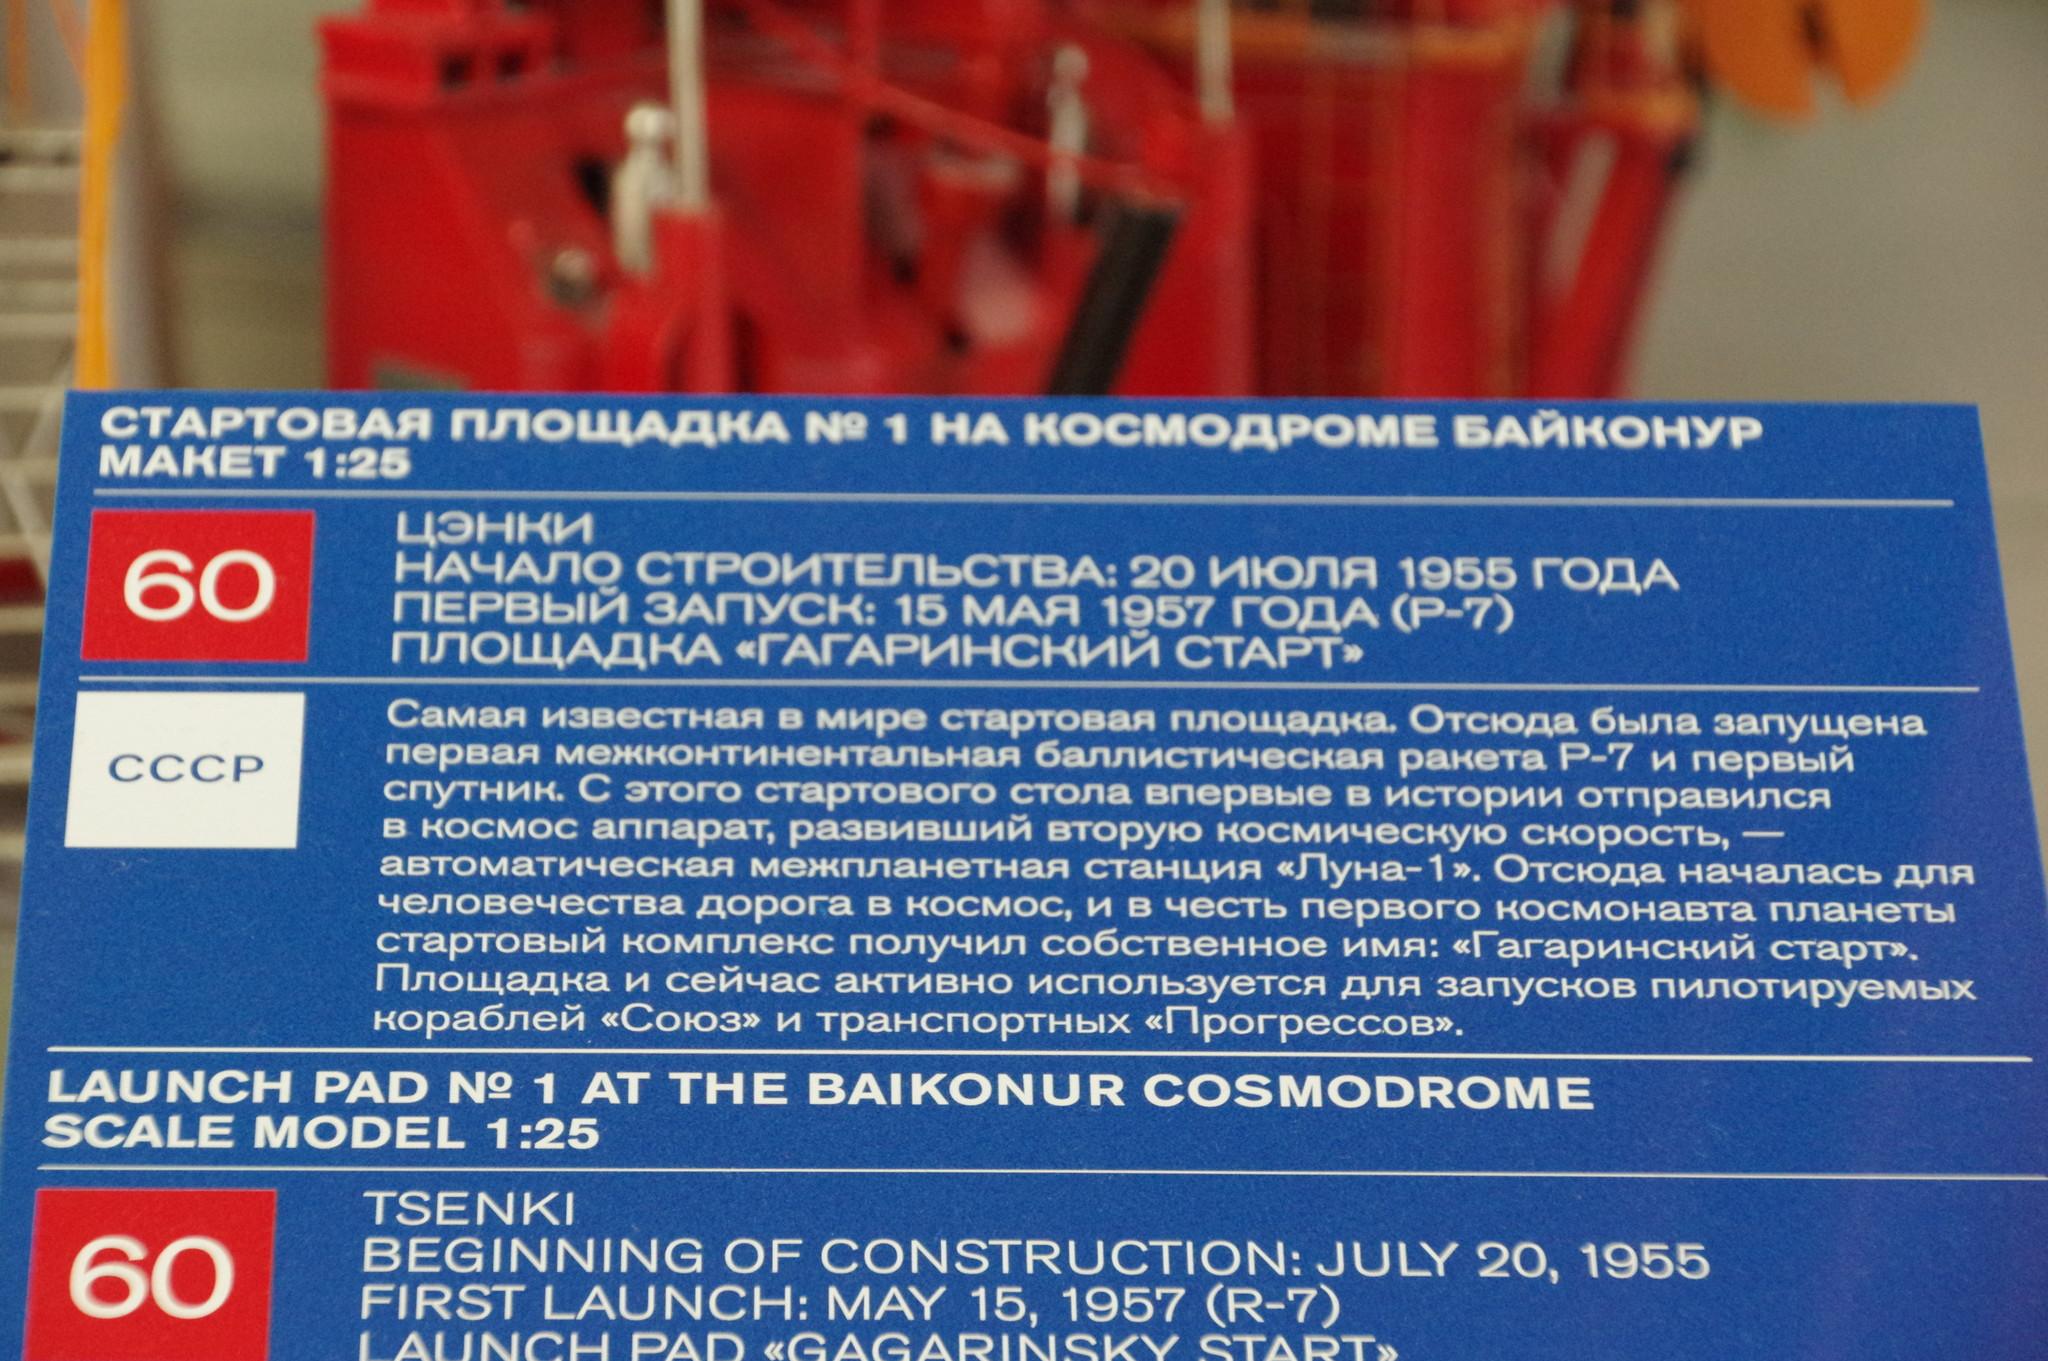 Стартовая площадка № 1 на космодроме Байконур. Макет 1: 25. Центр «Космонавтика и авиация» на ВДНХ